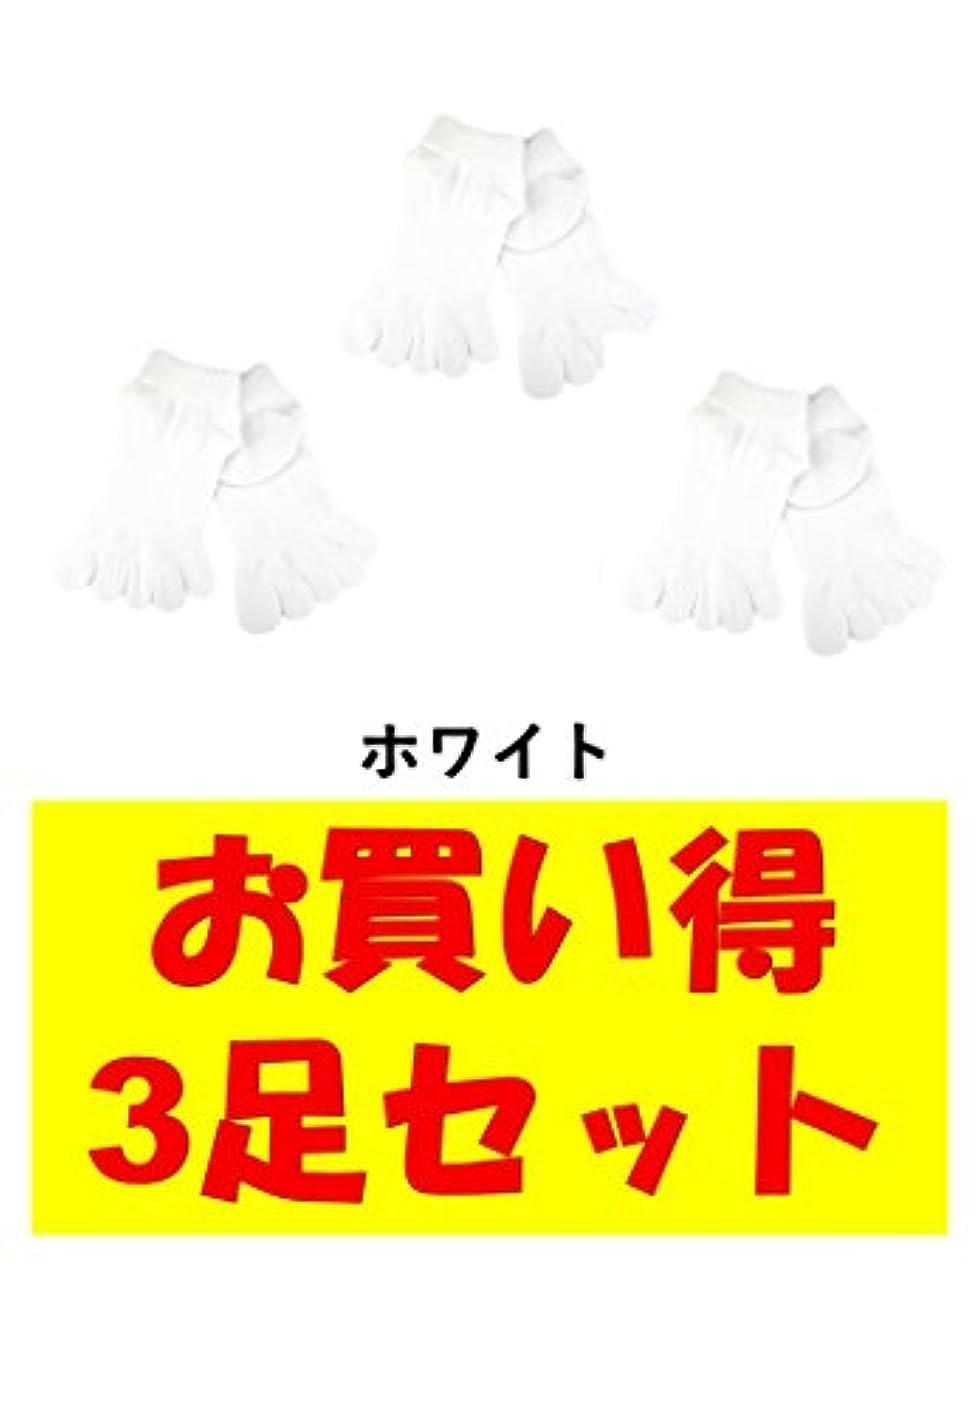 贅沢なバラエティベジタリアンお買い得3足セット 5本指 ゆびのばソックス ゆびのば アンクル ホワイト Mサイズ 25.0-27.5cm YSANKL-WHT